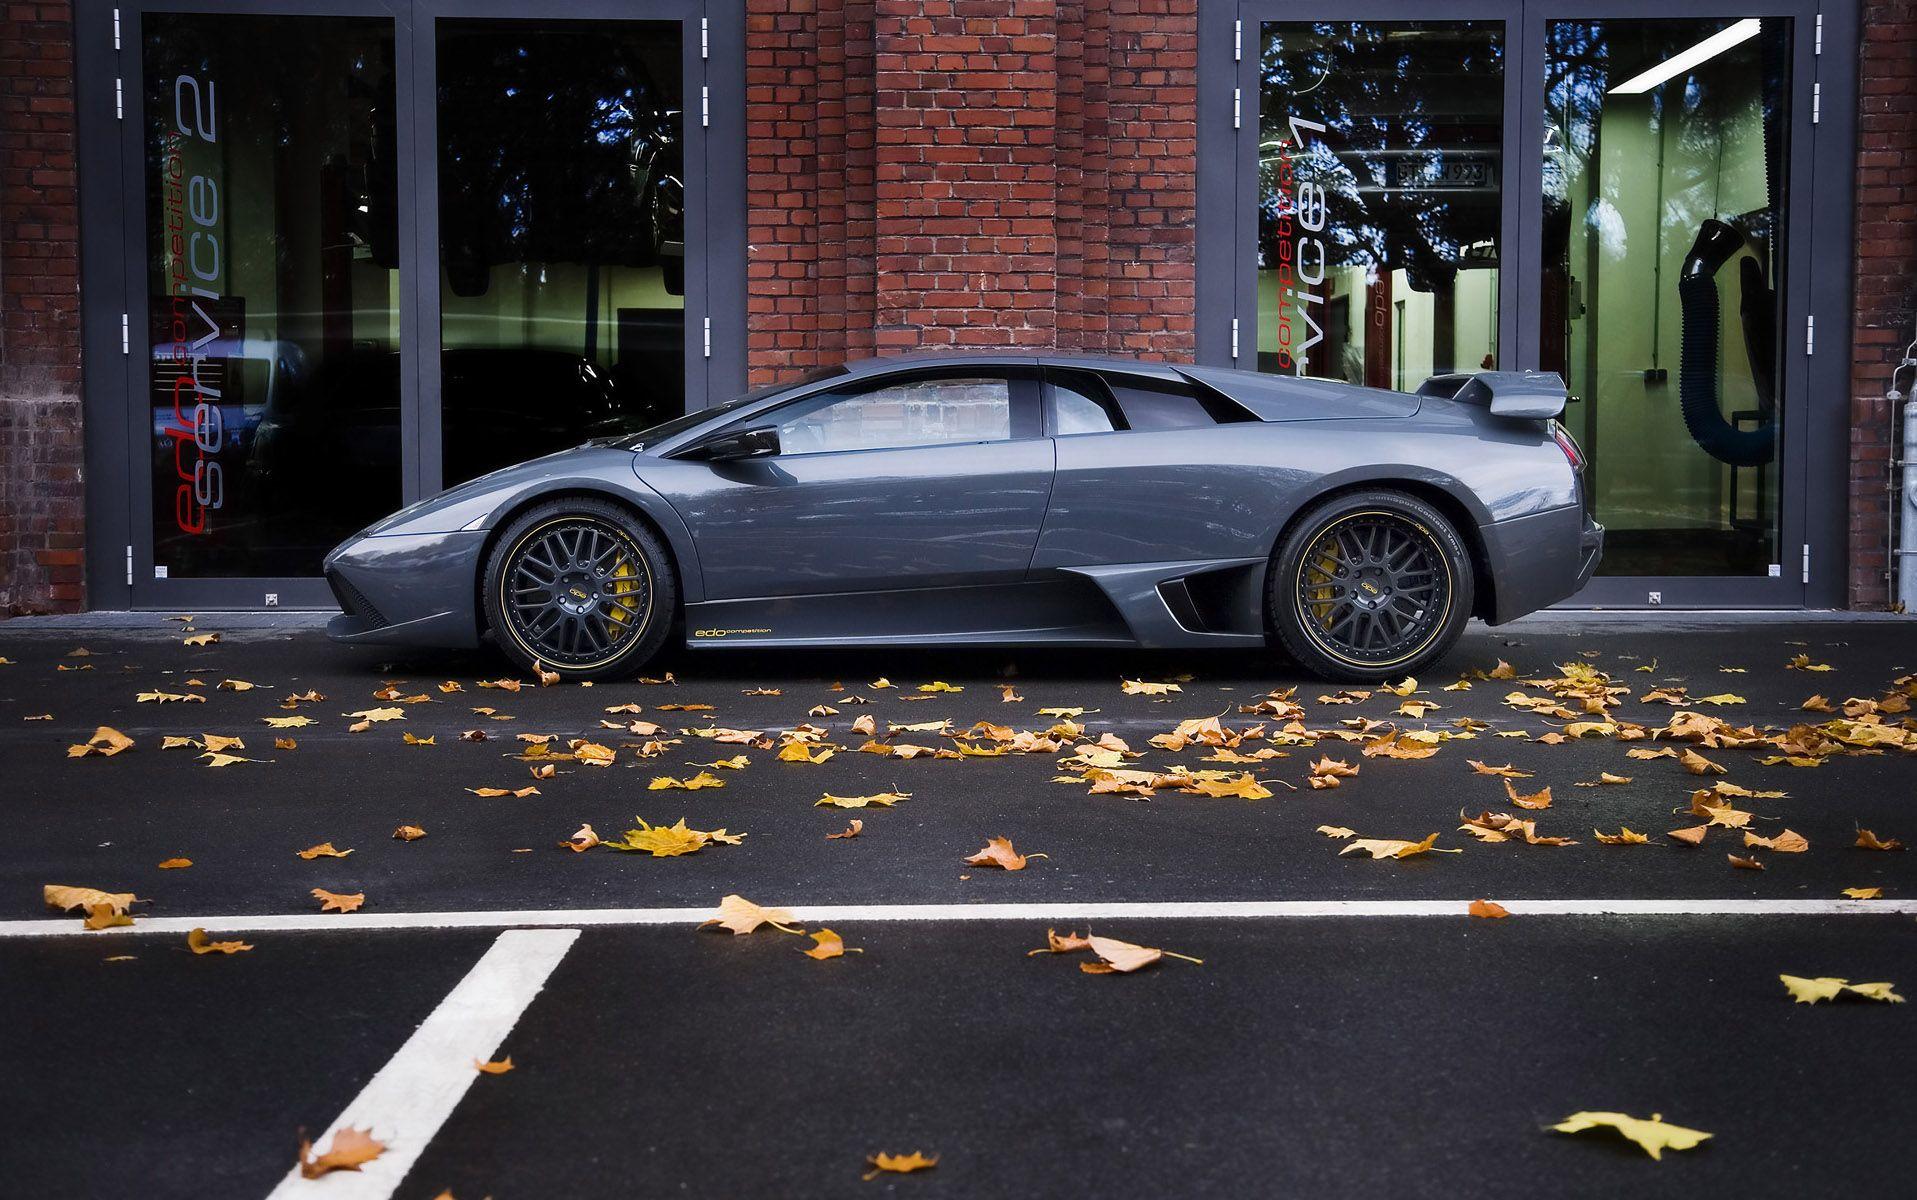 Lovable Cars Lamborghini Murcielago Fresh New Hd Wallpaper